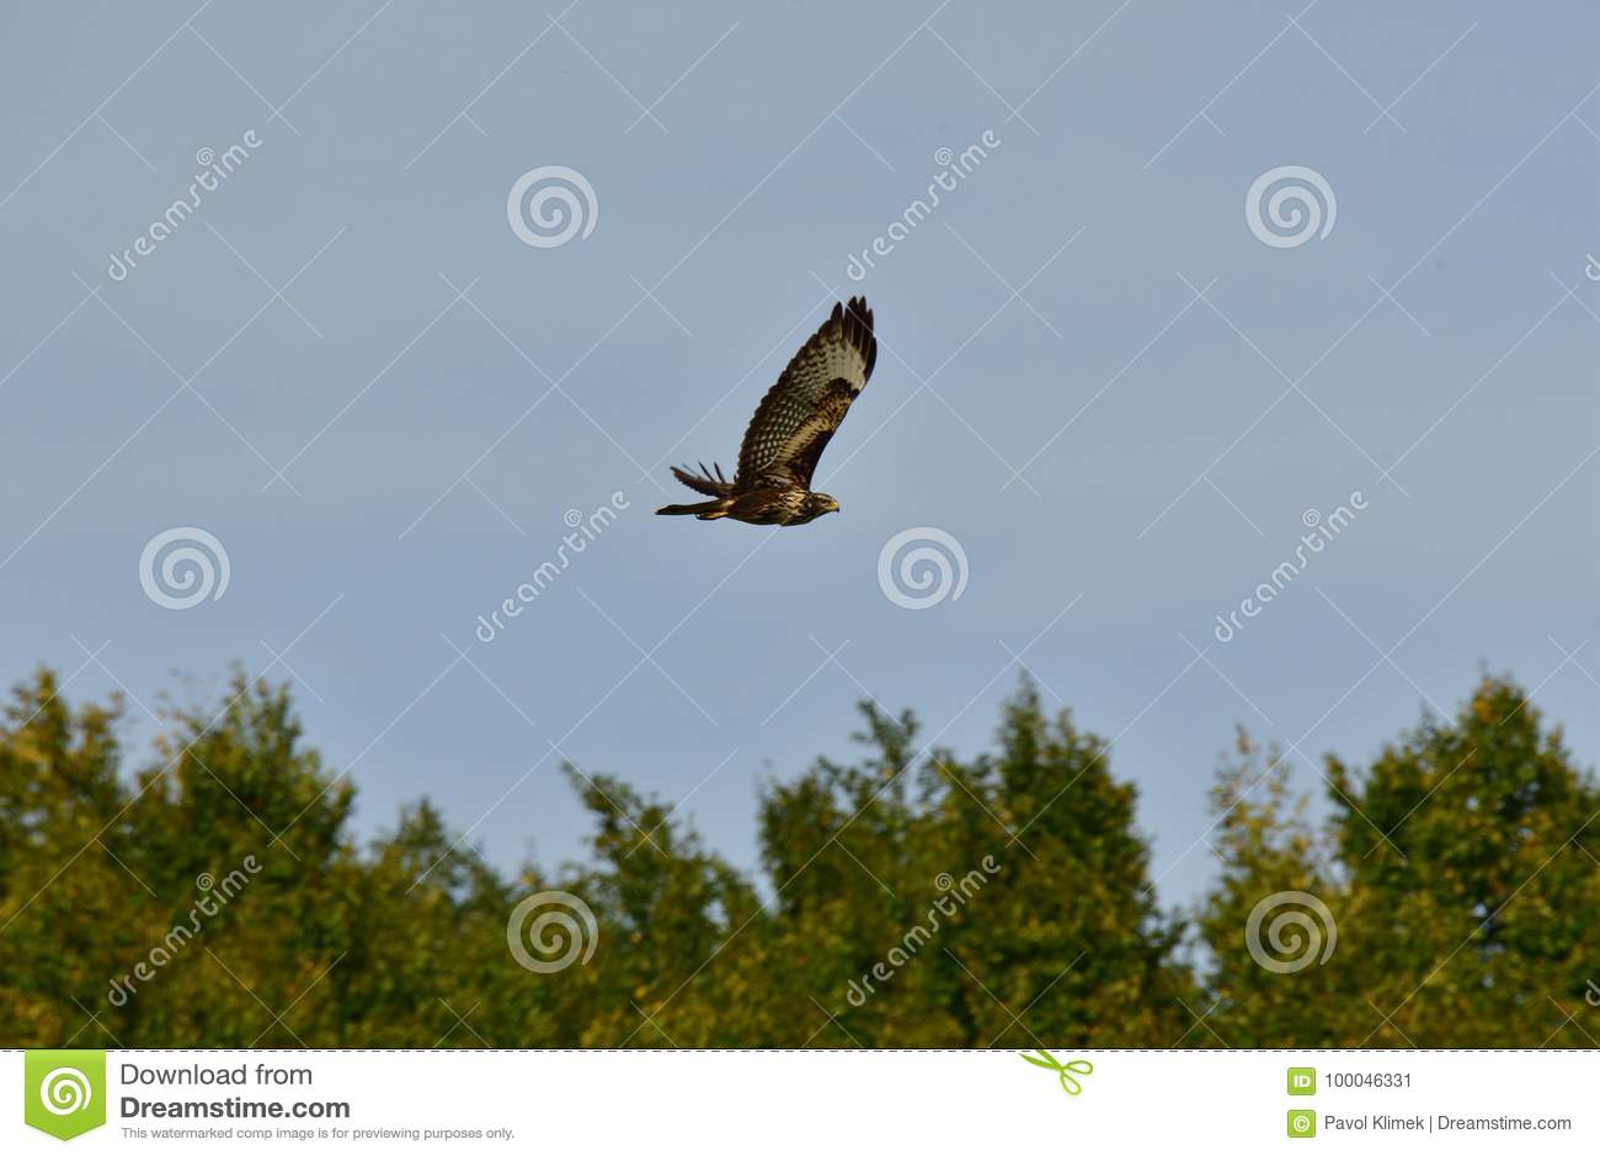 Halcón depredador que vuela sobre el bosque